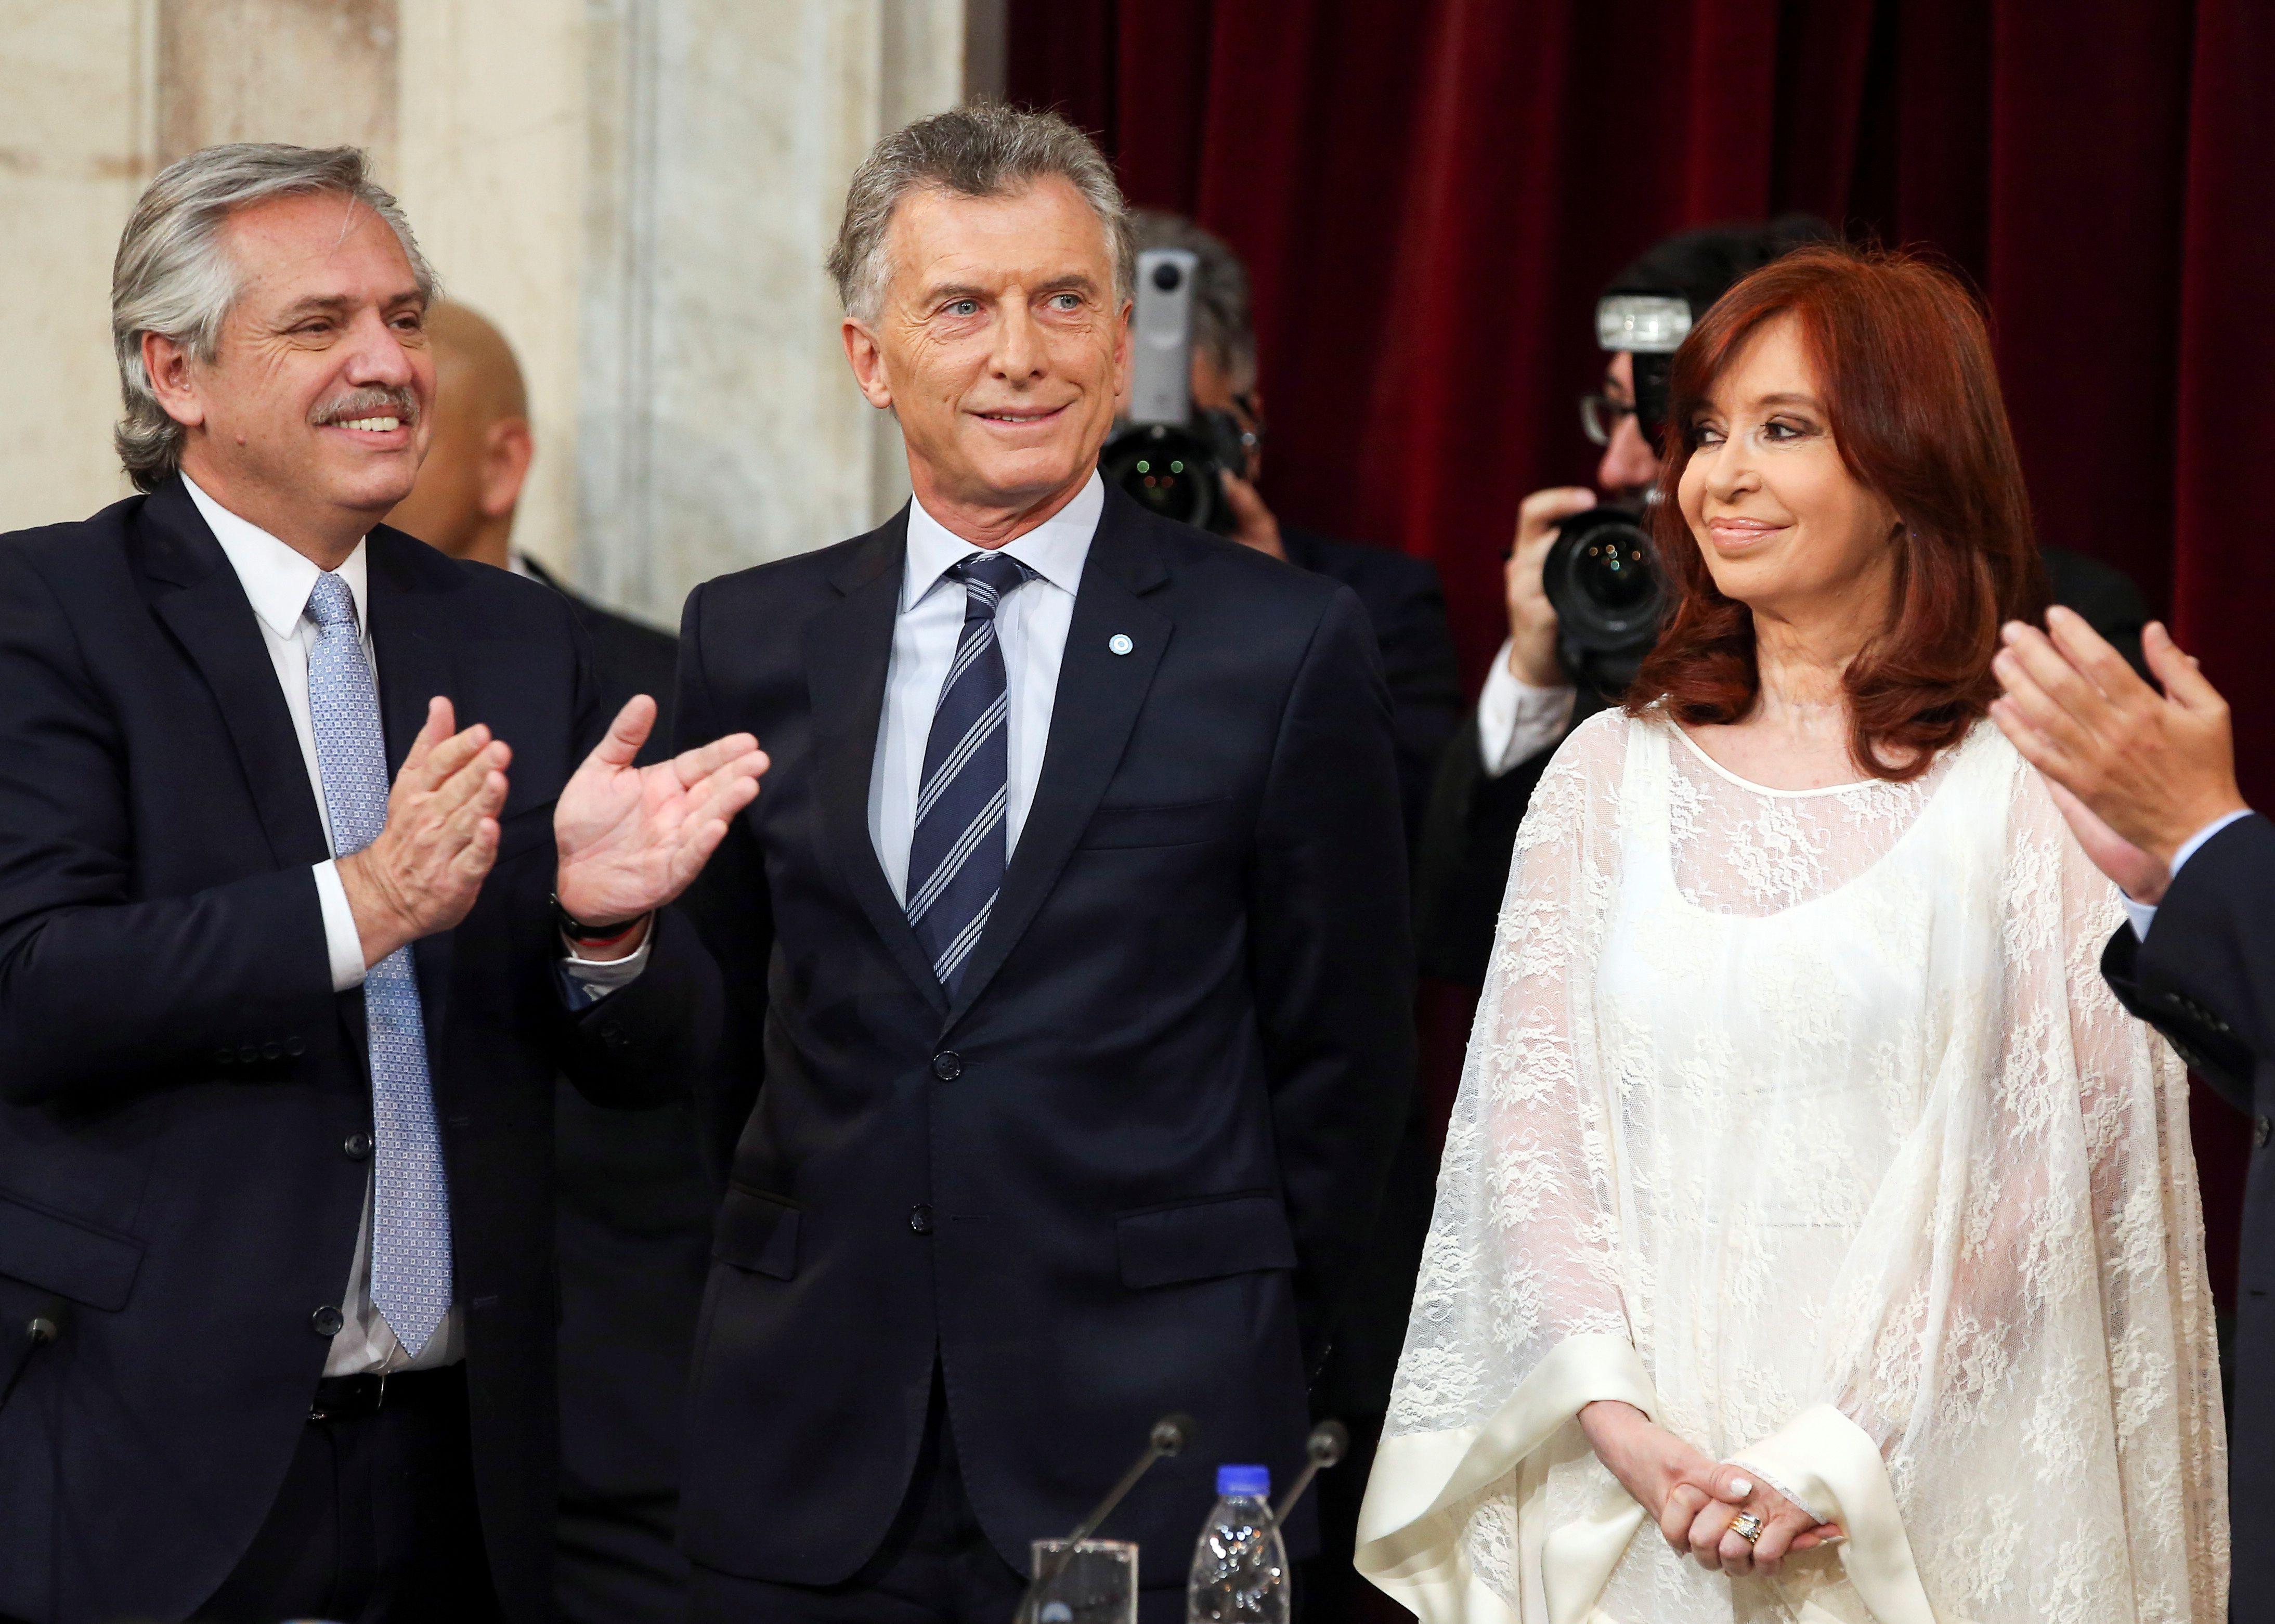 El presidente Alberto Fernández había adelantado en su discurso del 1 de marzo ante la Asamblea Legislativa la denuncia contra Mauricio Macri por el acuerdo con el FMI (REUTERS)